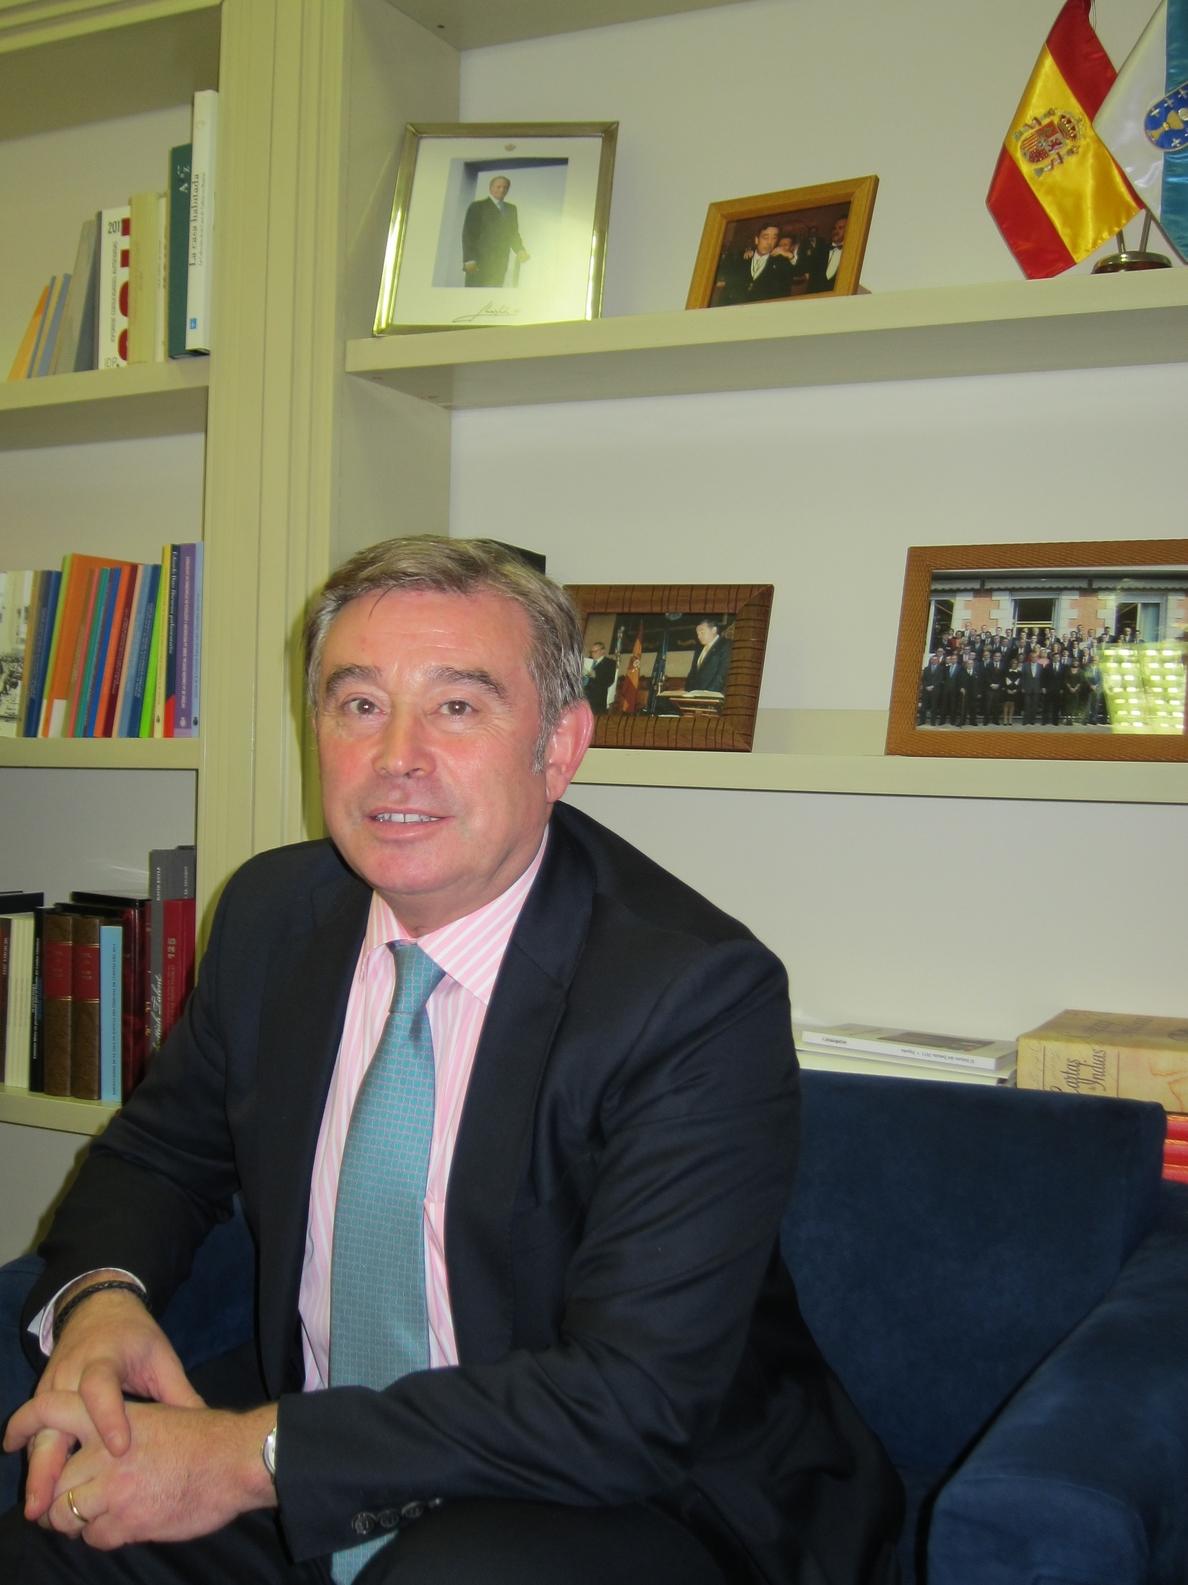 Barreiro descarta ser candidato en las próximas municipales en Galicia, pero cumplirá mandato al frente del PP de Lugo